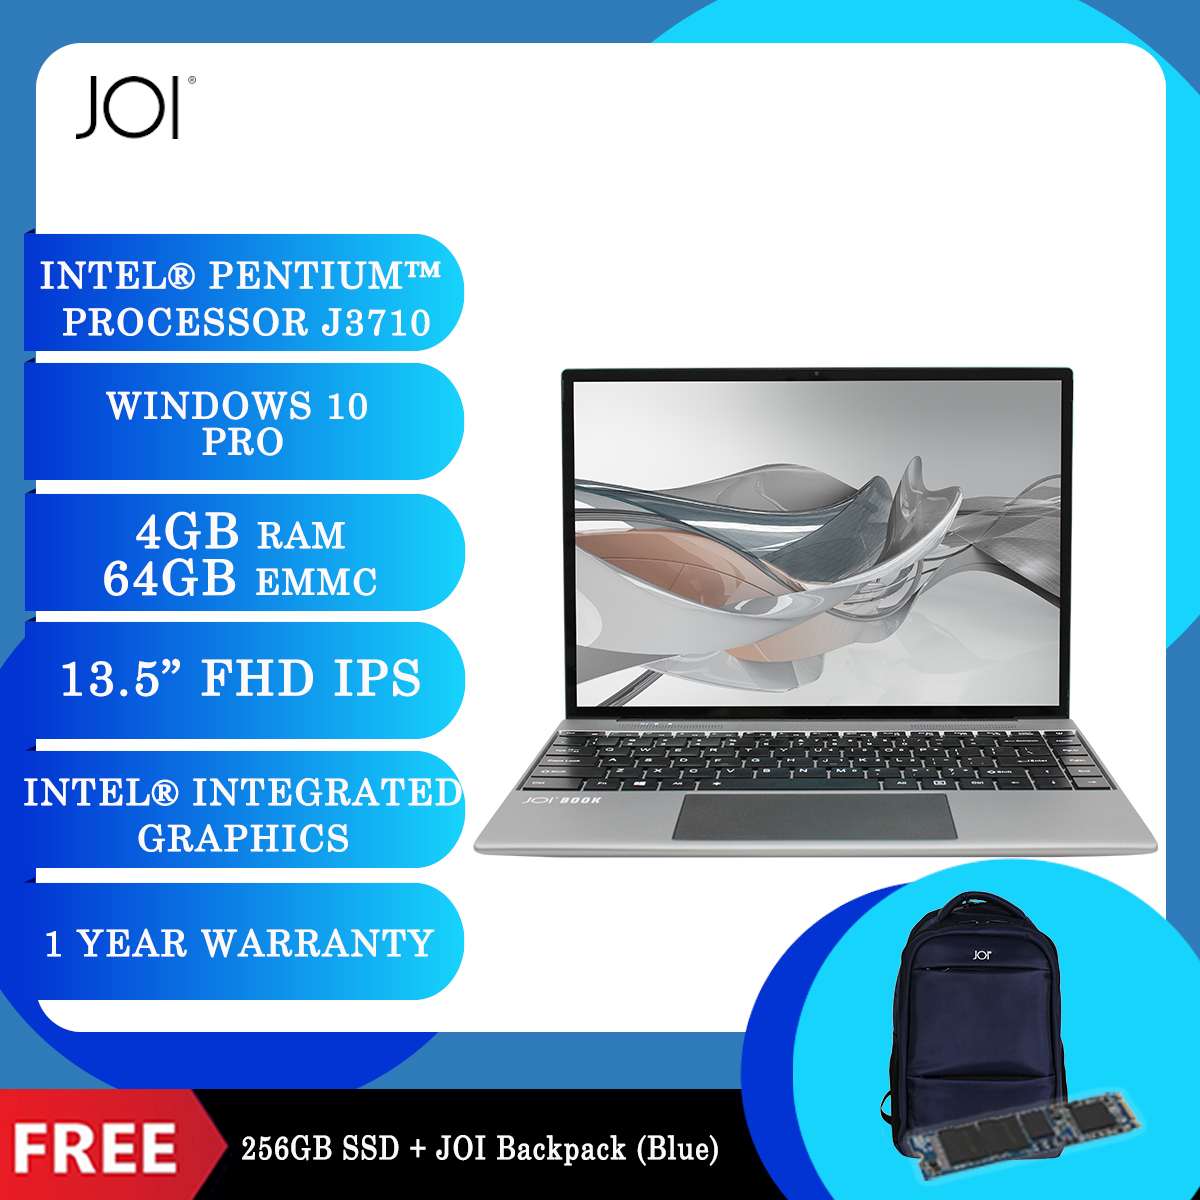 """JOI Book 200 Pro (Pentium J3710,4GB,64GB,13.5"""",W10Pro,GRY) + Free 256GB SSD + JOI Backpack Blue [BPPJOI0200GBLU]"""